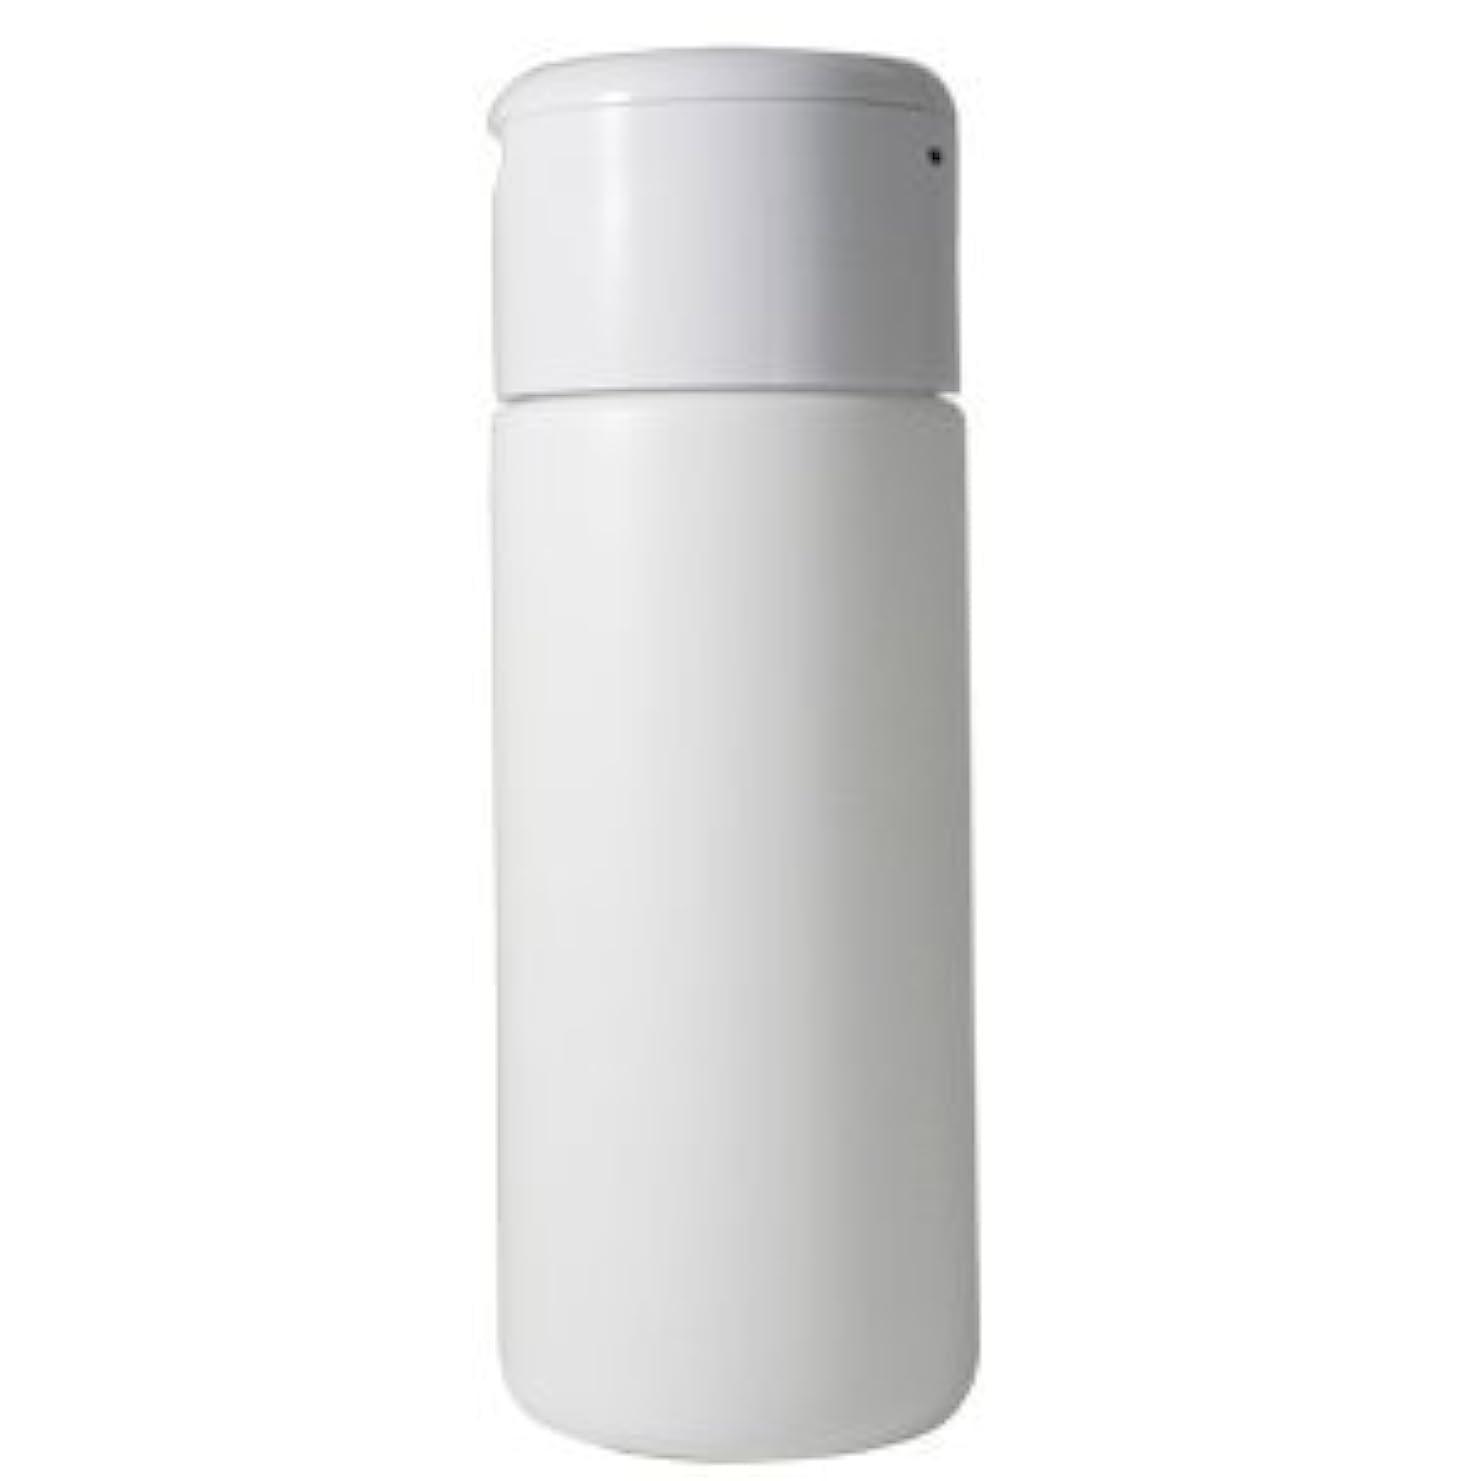 涙差別シアーワンタッチキャップ パウダー用ボトル容器 190ml